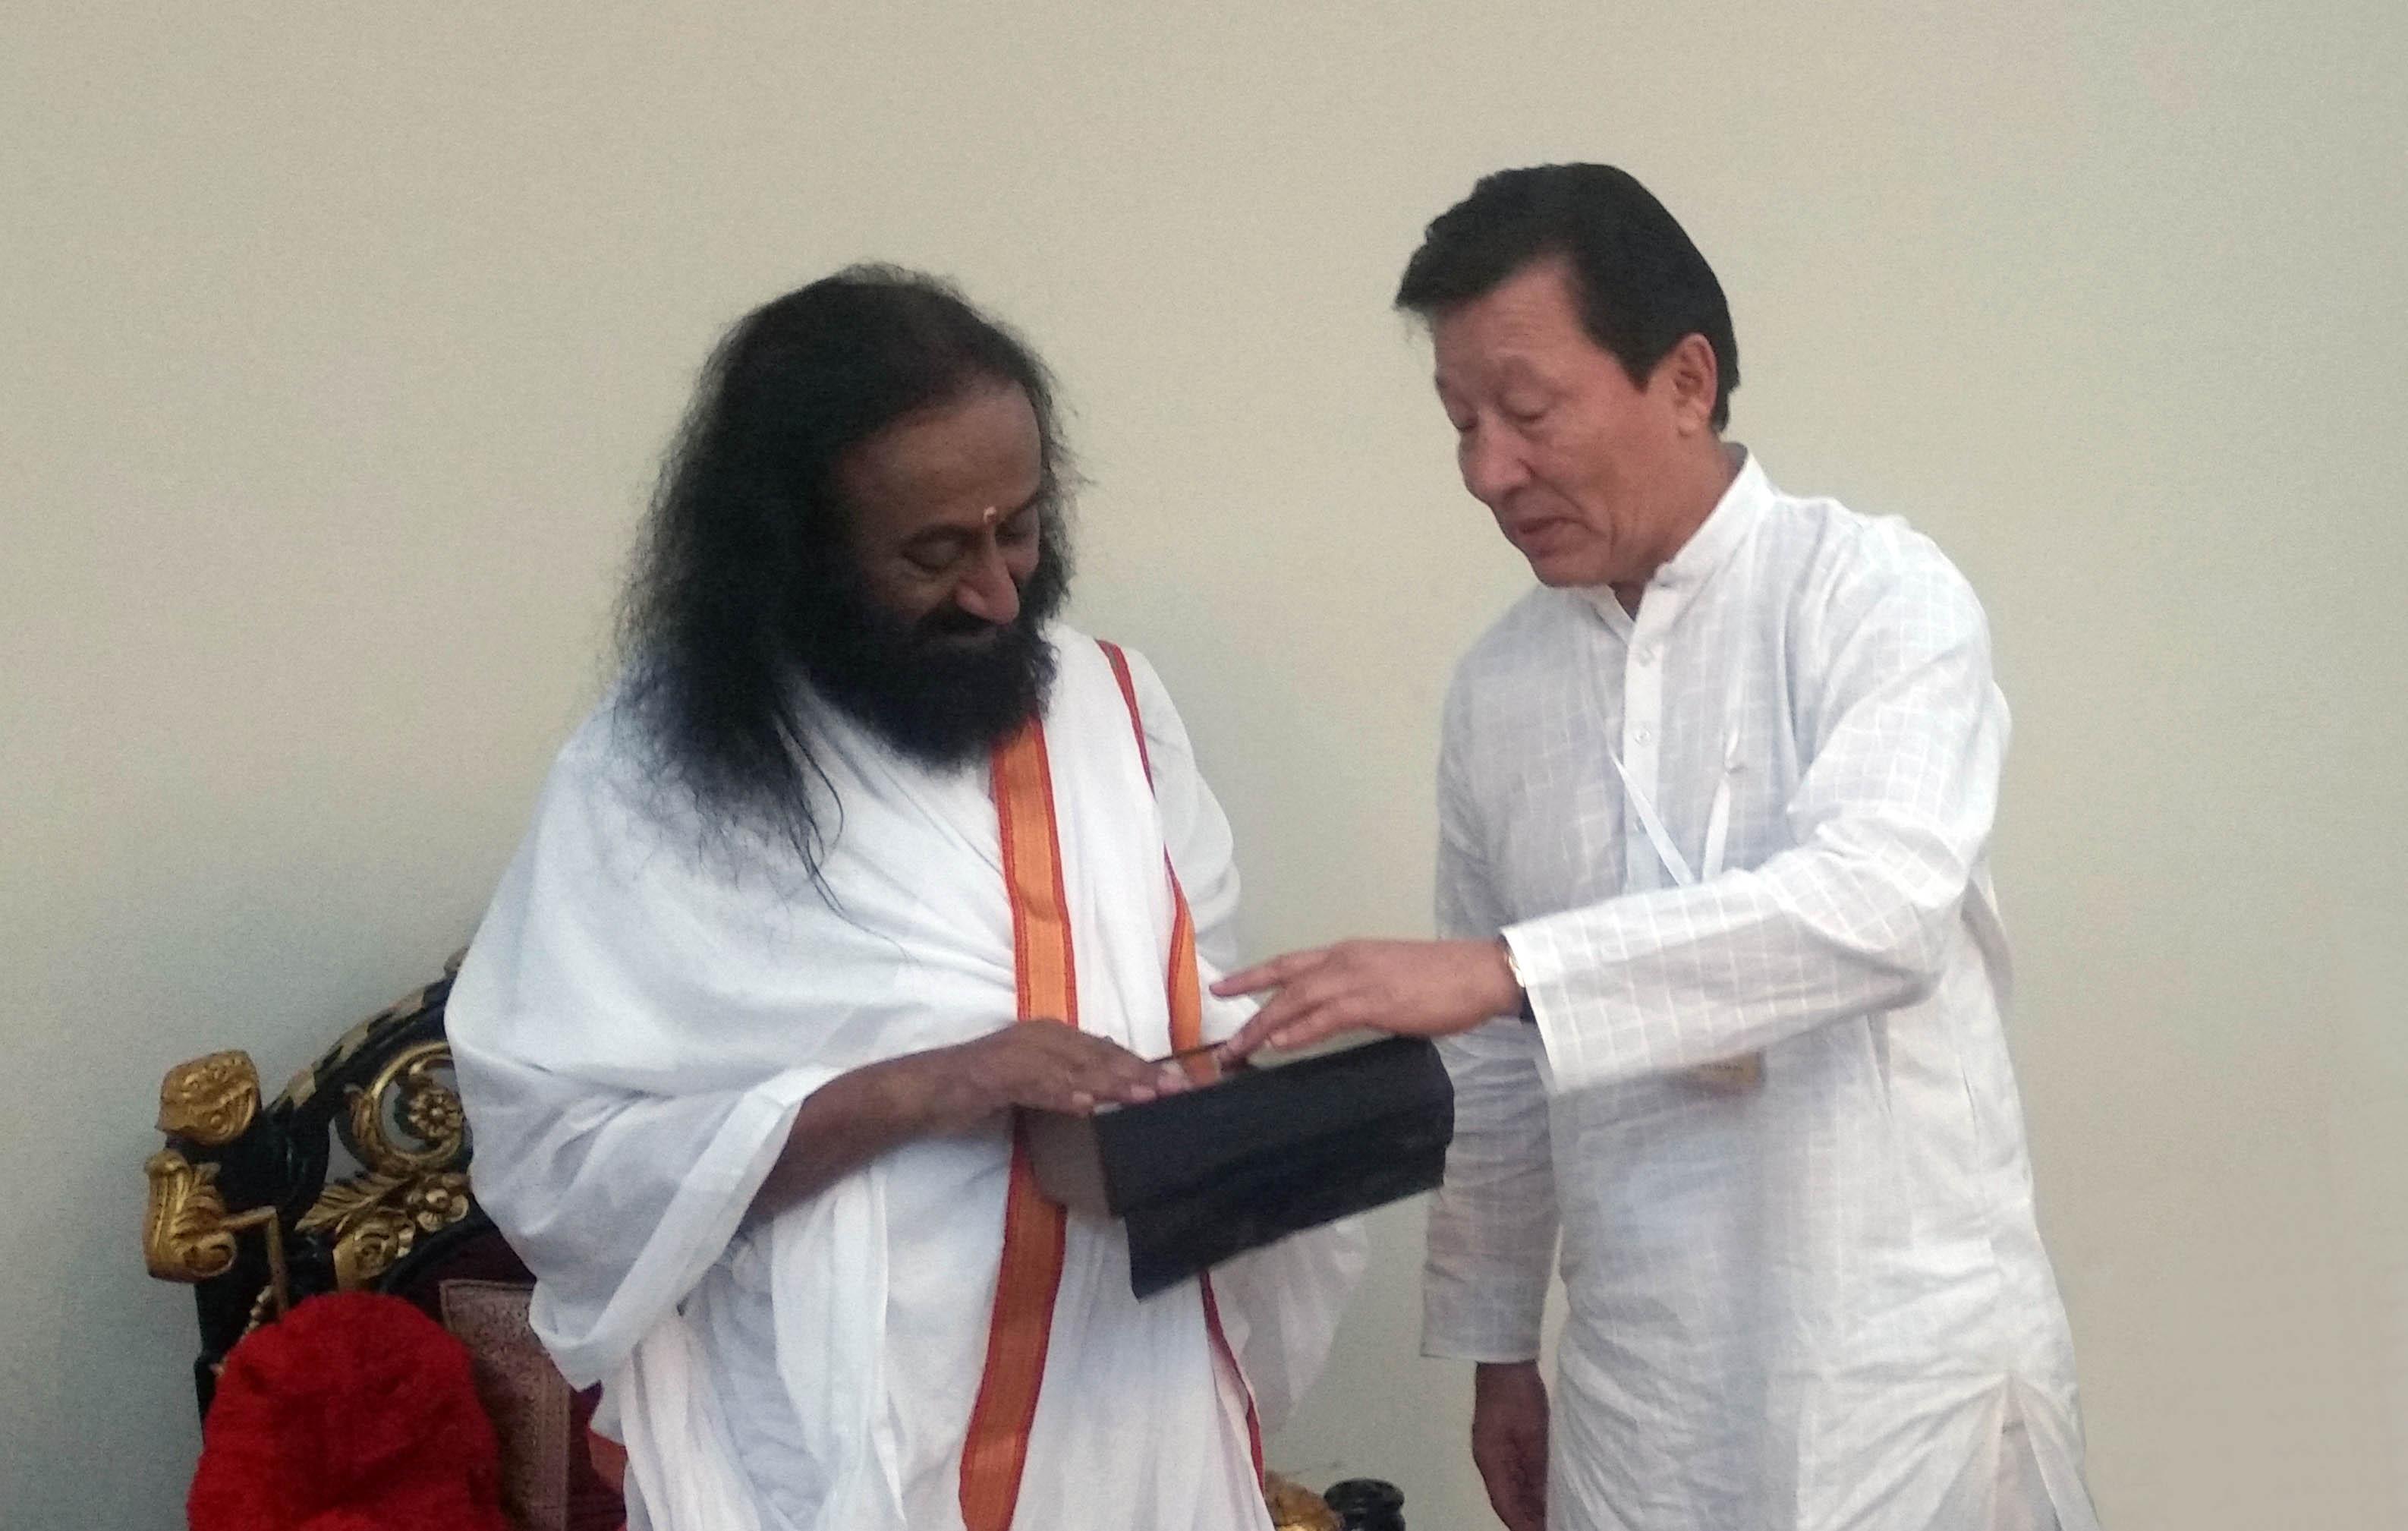 Дружеский визит в штаб-квартиру международного гуманитарного лидера Шри Шри Рави Шанкар в Бангалоре